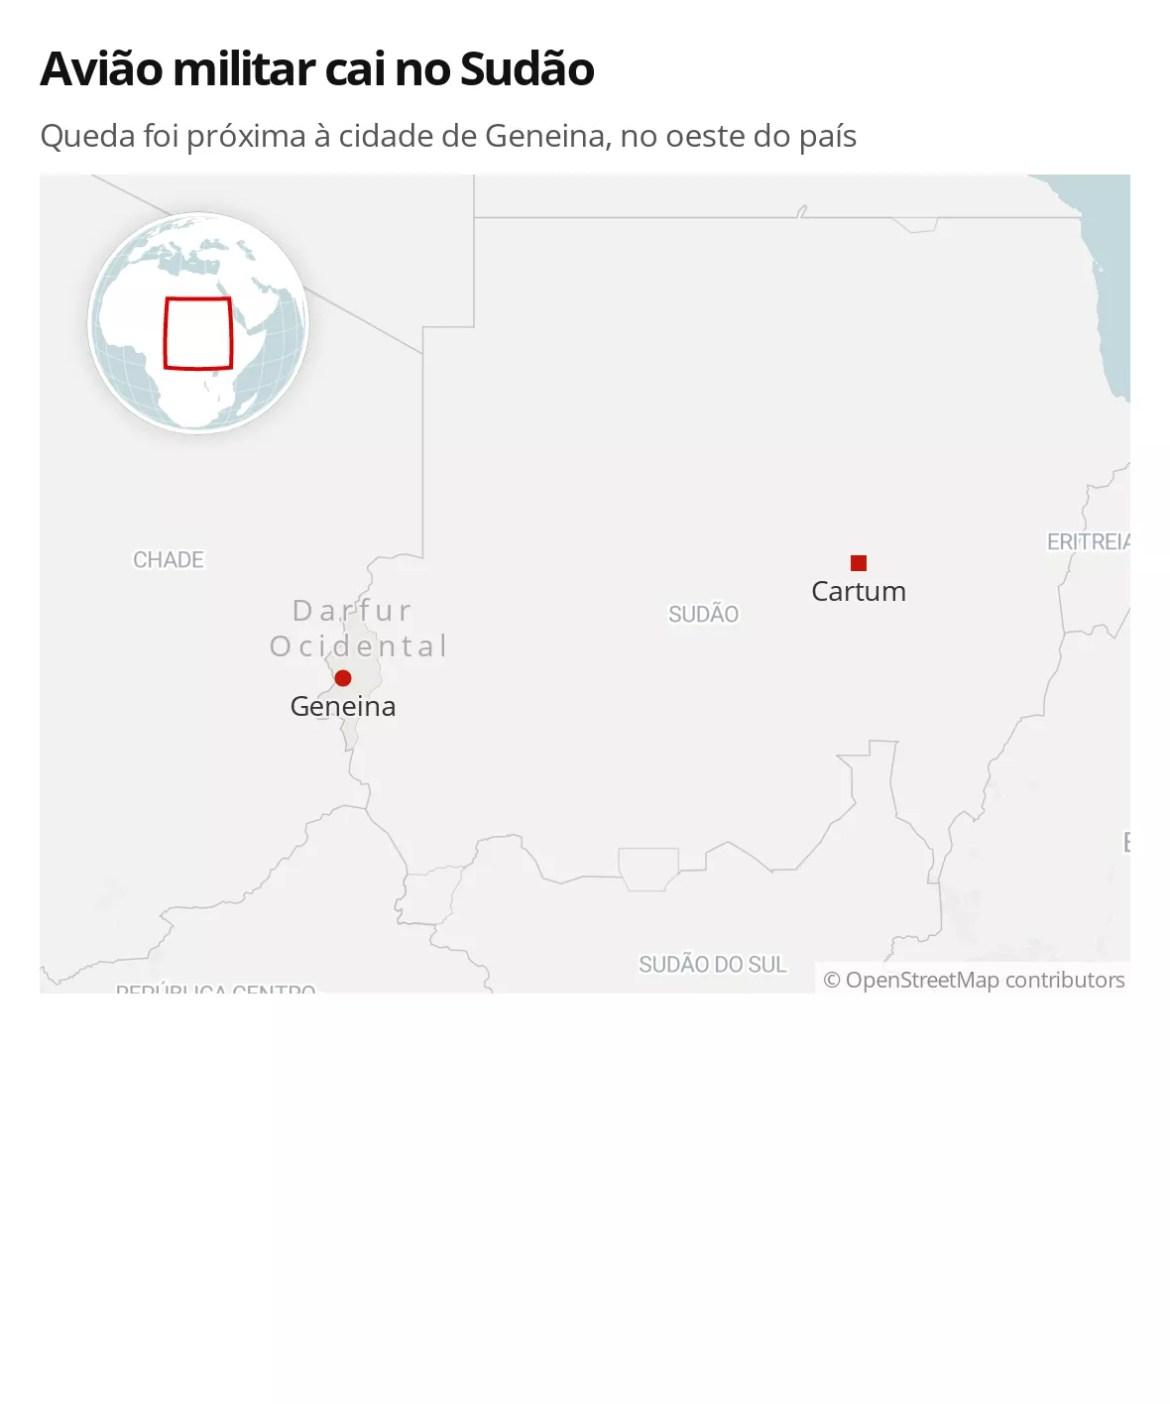 Avião militar cai no oeste do Sudão